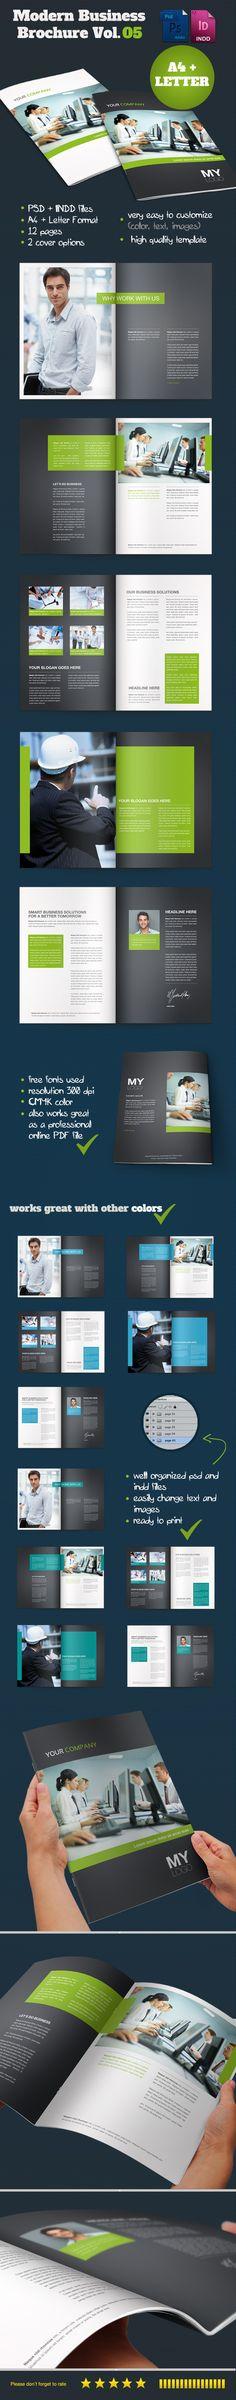 Business Brochure Vol. 05 by Danijel Mokic, via Behance